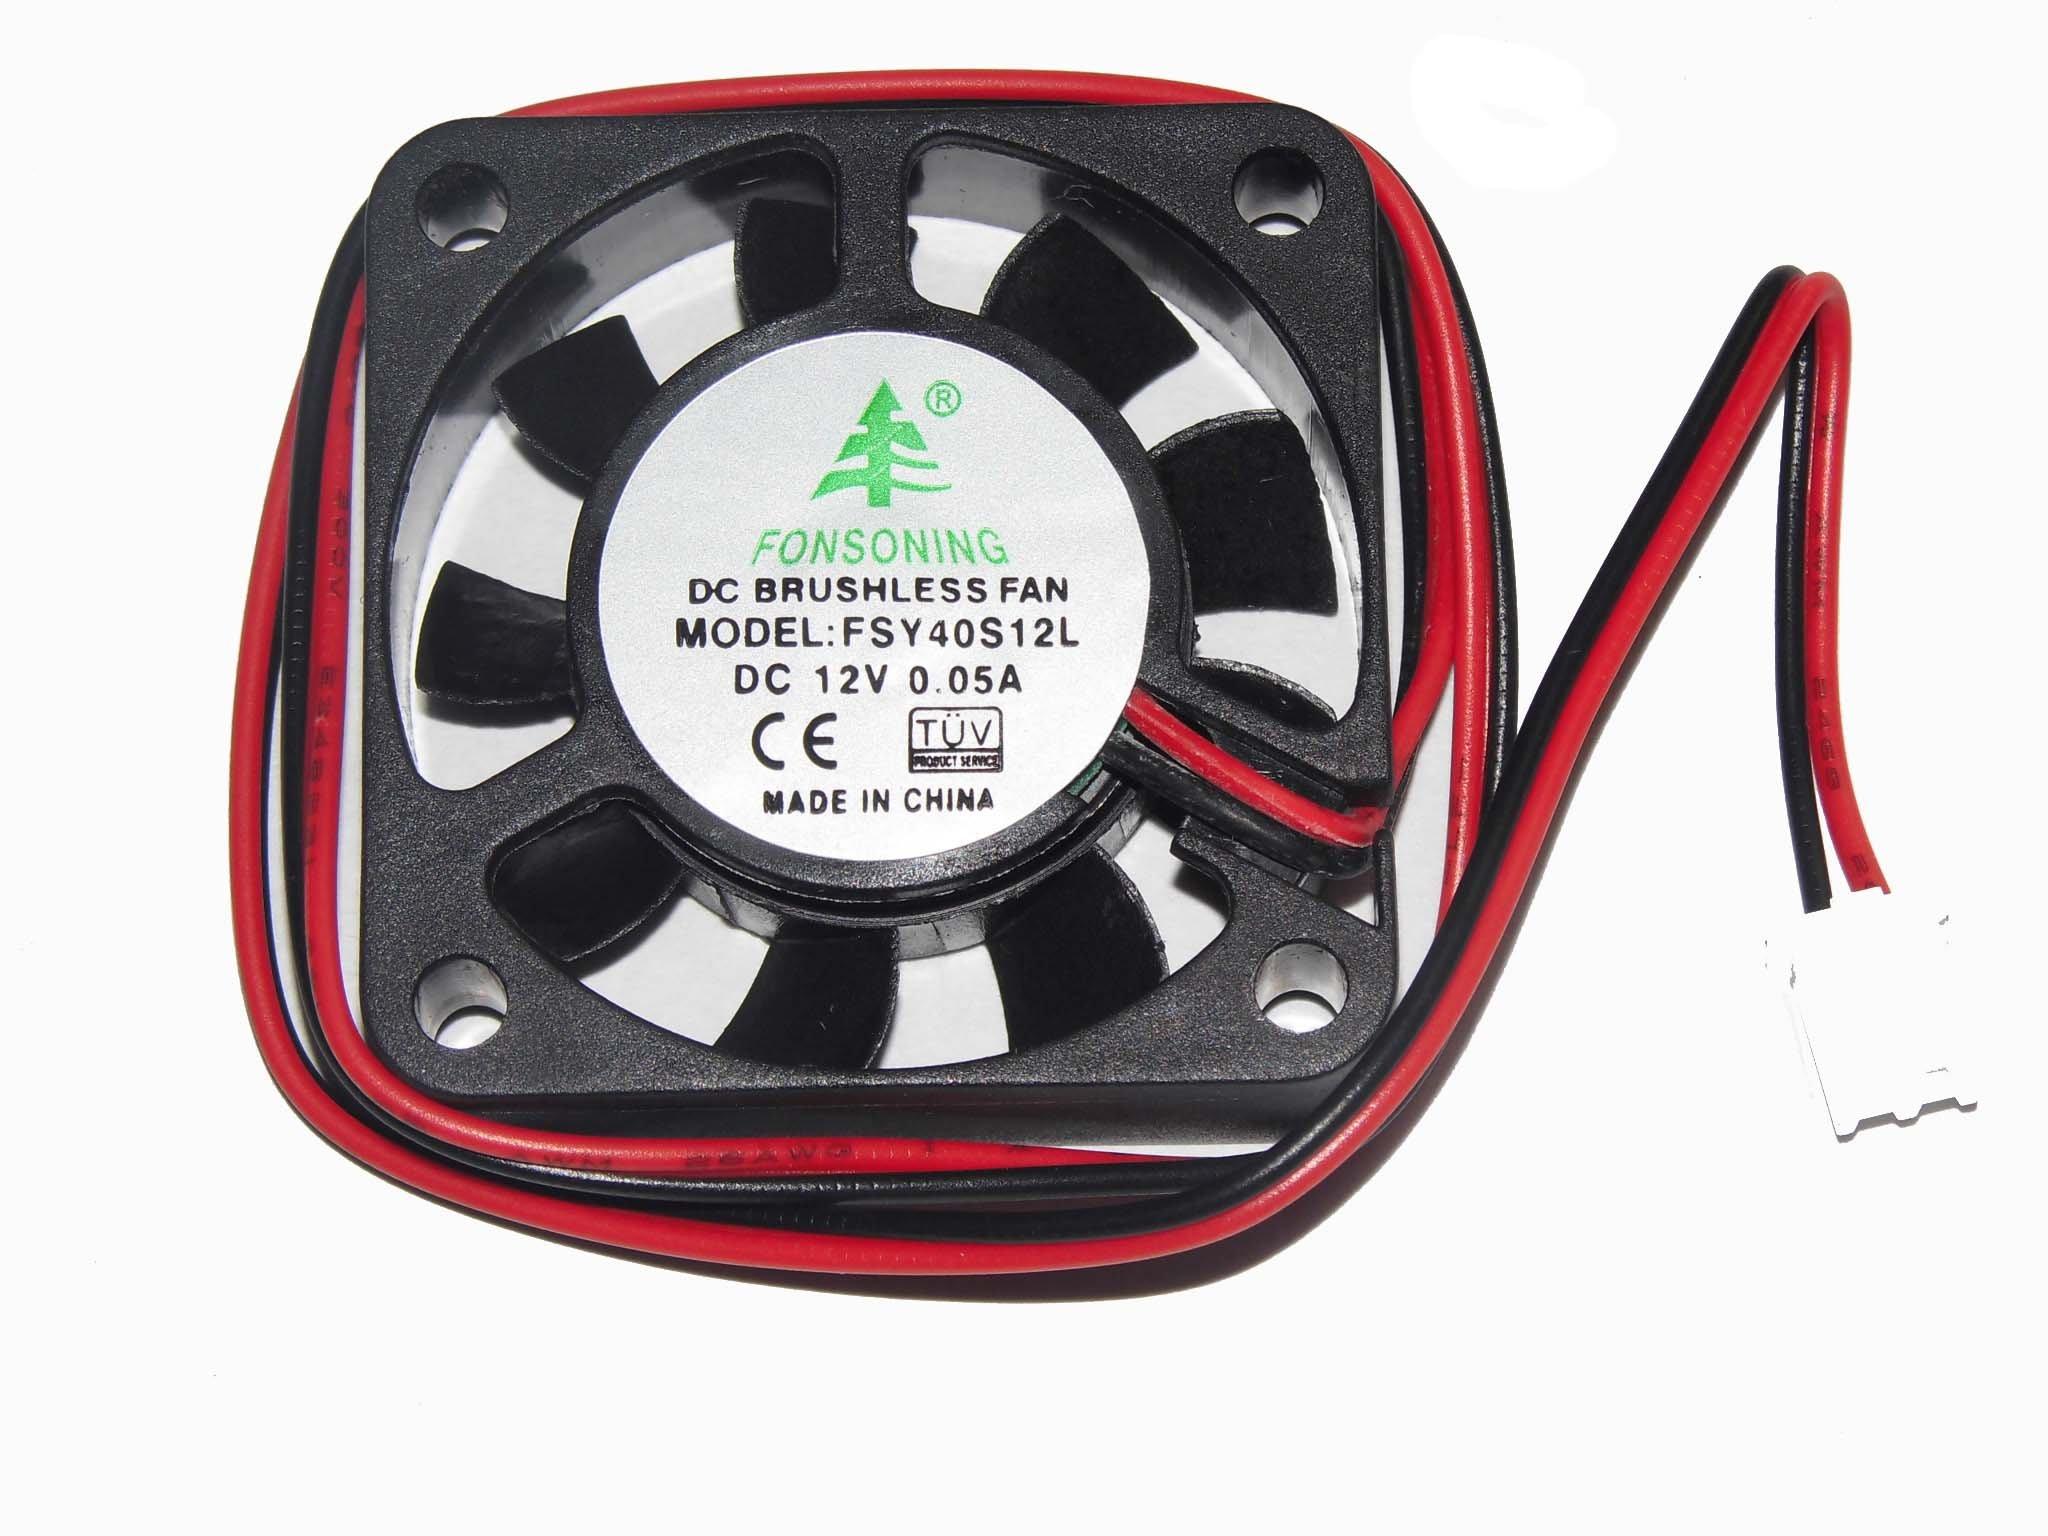 50pcs/Lots 4cm FSY40S12L 12V 0.05A 2Wire humidifier Fan 404010mm